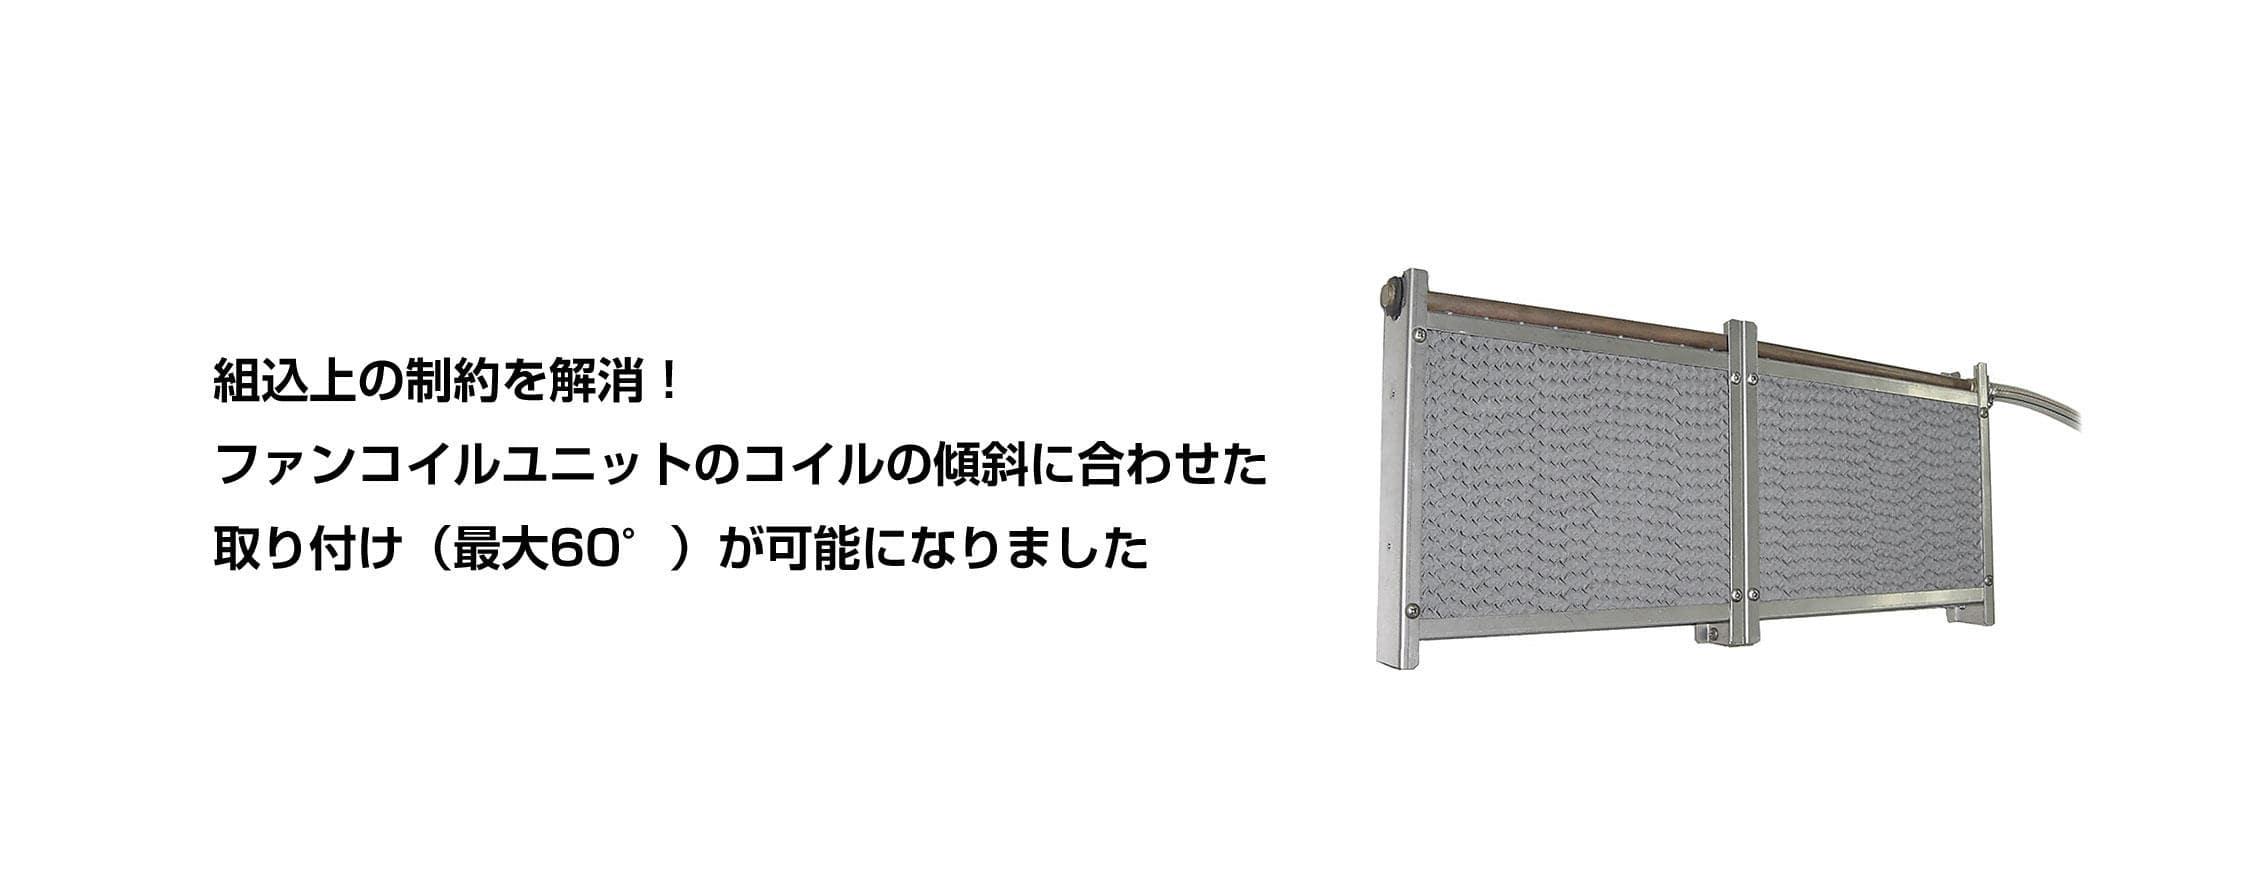 滴下浸透気化式加湿器VMBタイプ